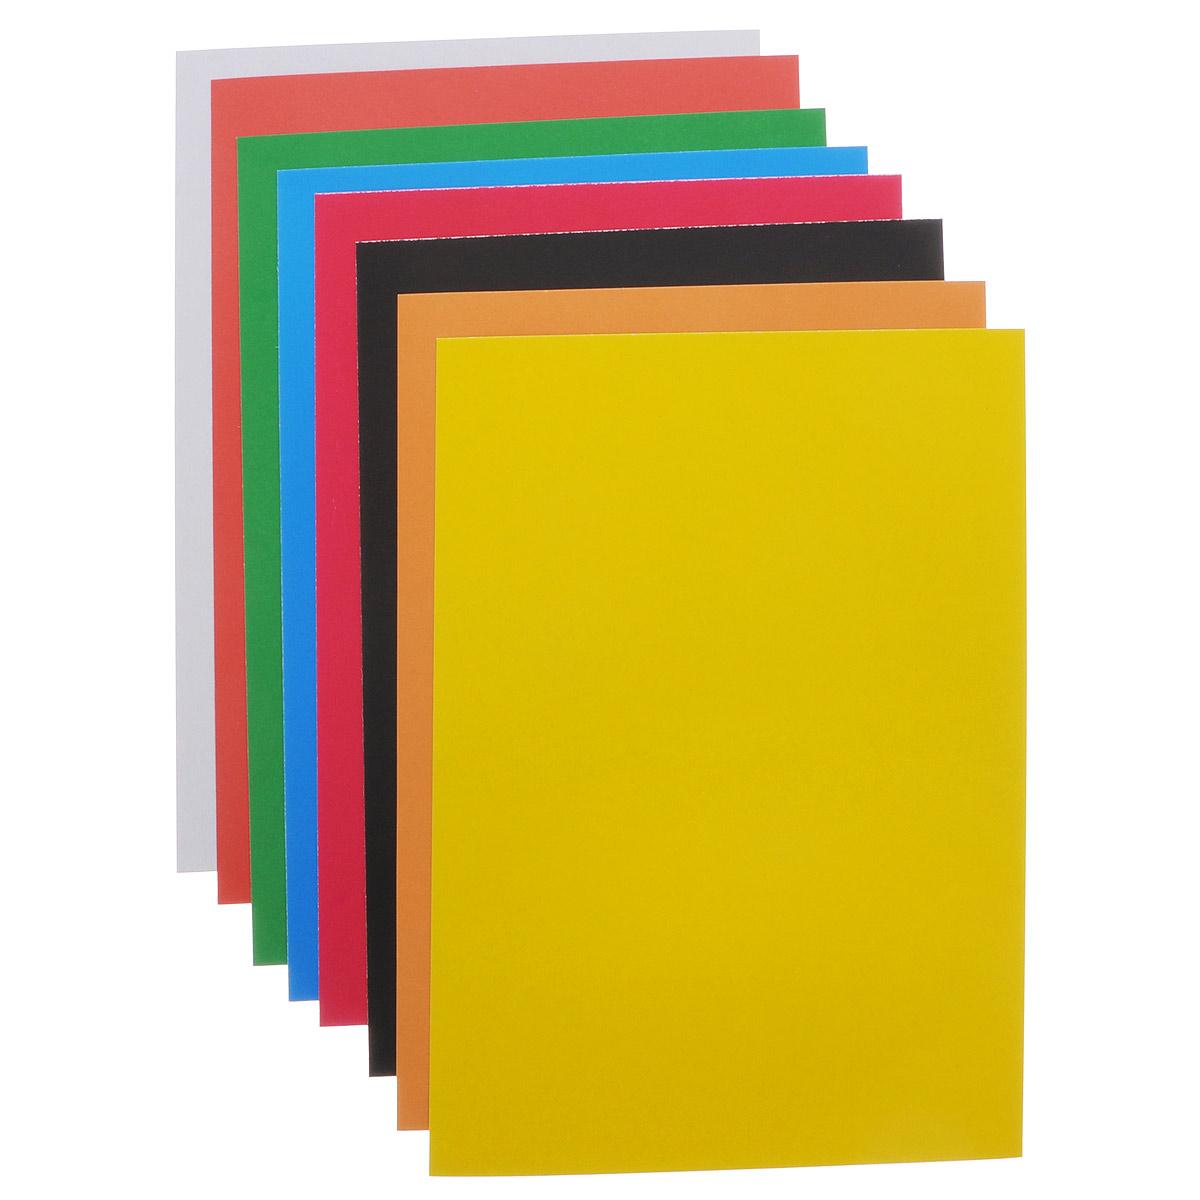 Набор цветного картона Proff The Simpsons прекрасно выполненный, замечательный набор для детского творчестваНабор позволит создавать всевозможные аппликации и поделки. Набор состоит из картона желтого, черного, зеленого, белого, красного, синего, оранжевого и малинового цветов. Создание поделок из цветного картона позволяет ребенку развивать творческие способности, кроме того, это увлекательный досуг.Творите вместе с Proff!